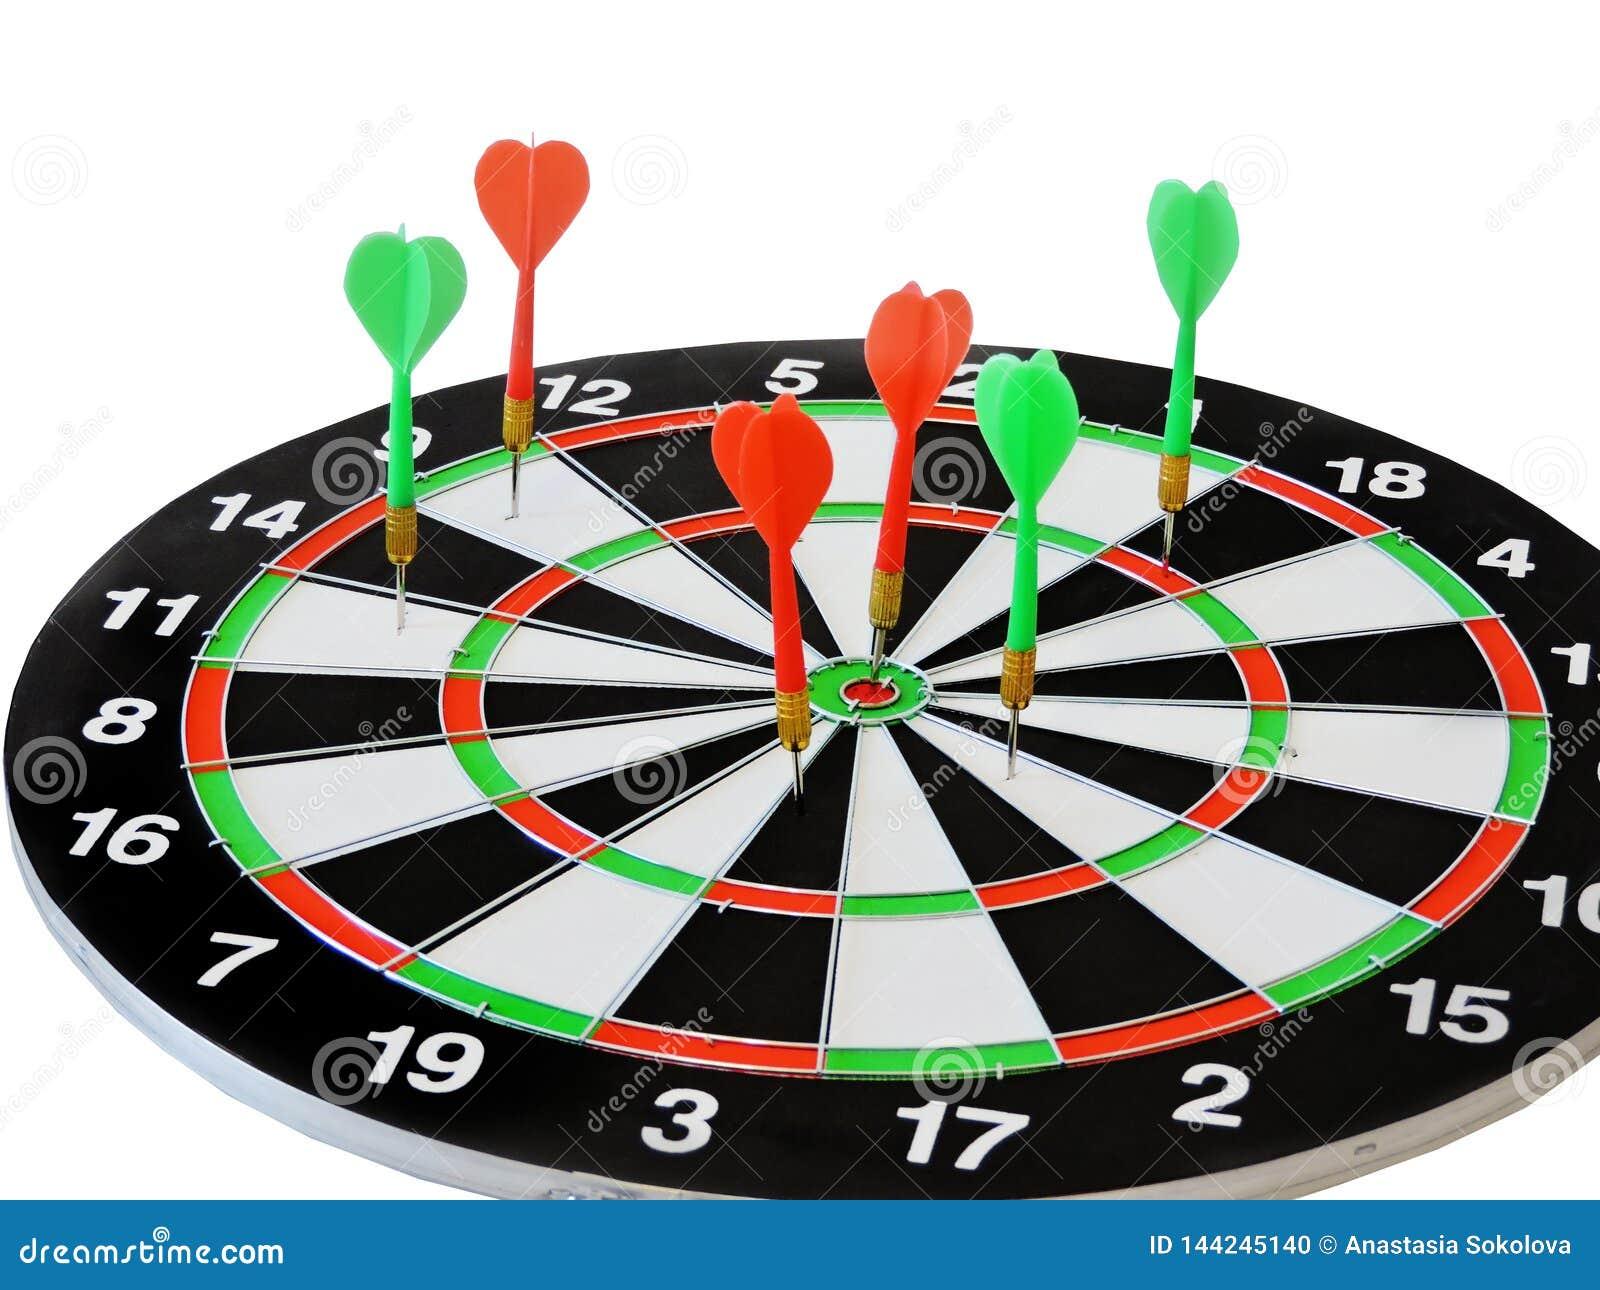 投掷击中在掷镖的圆靶的目标中心的箭头 击中目标目标目标成就概念背景的成功 箭和dar